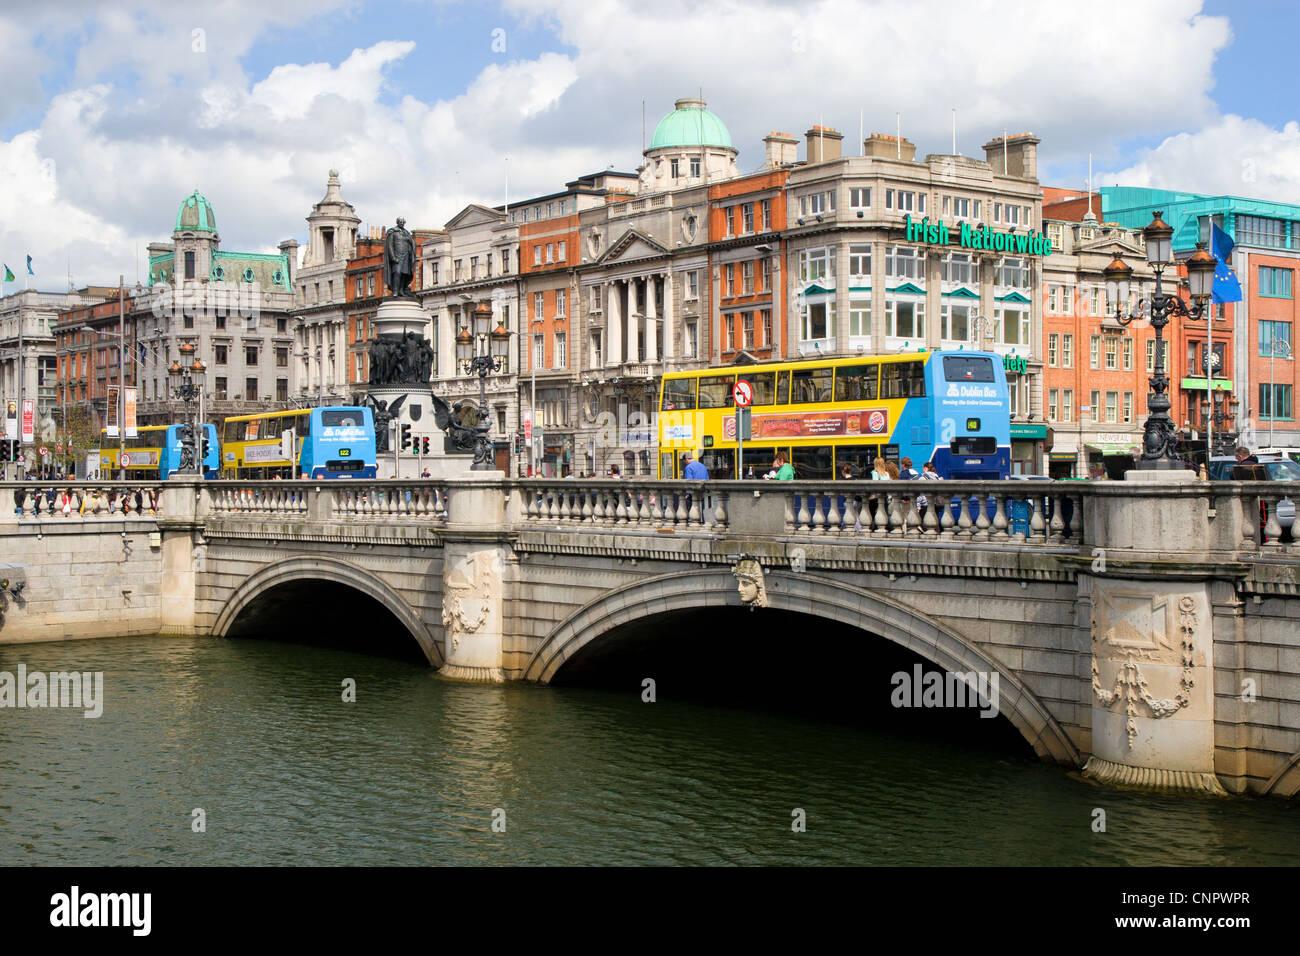 Hotels In Downtown Dublin Ireland